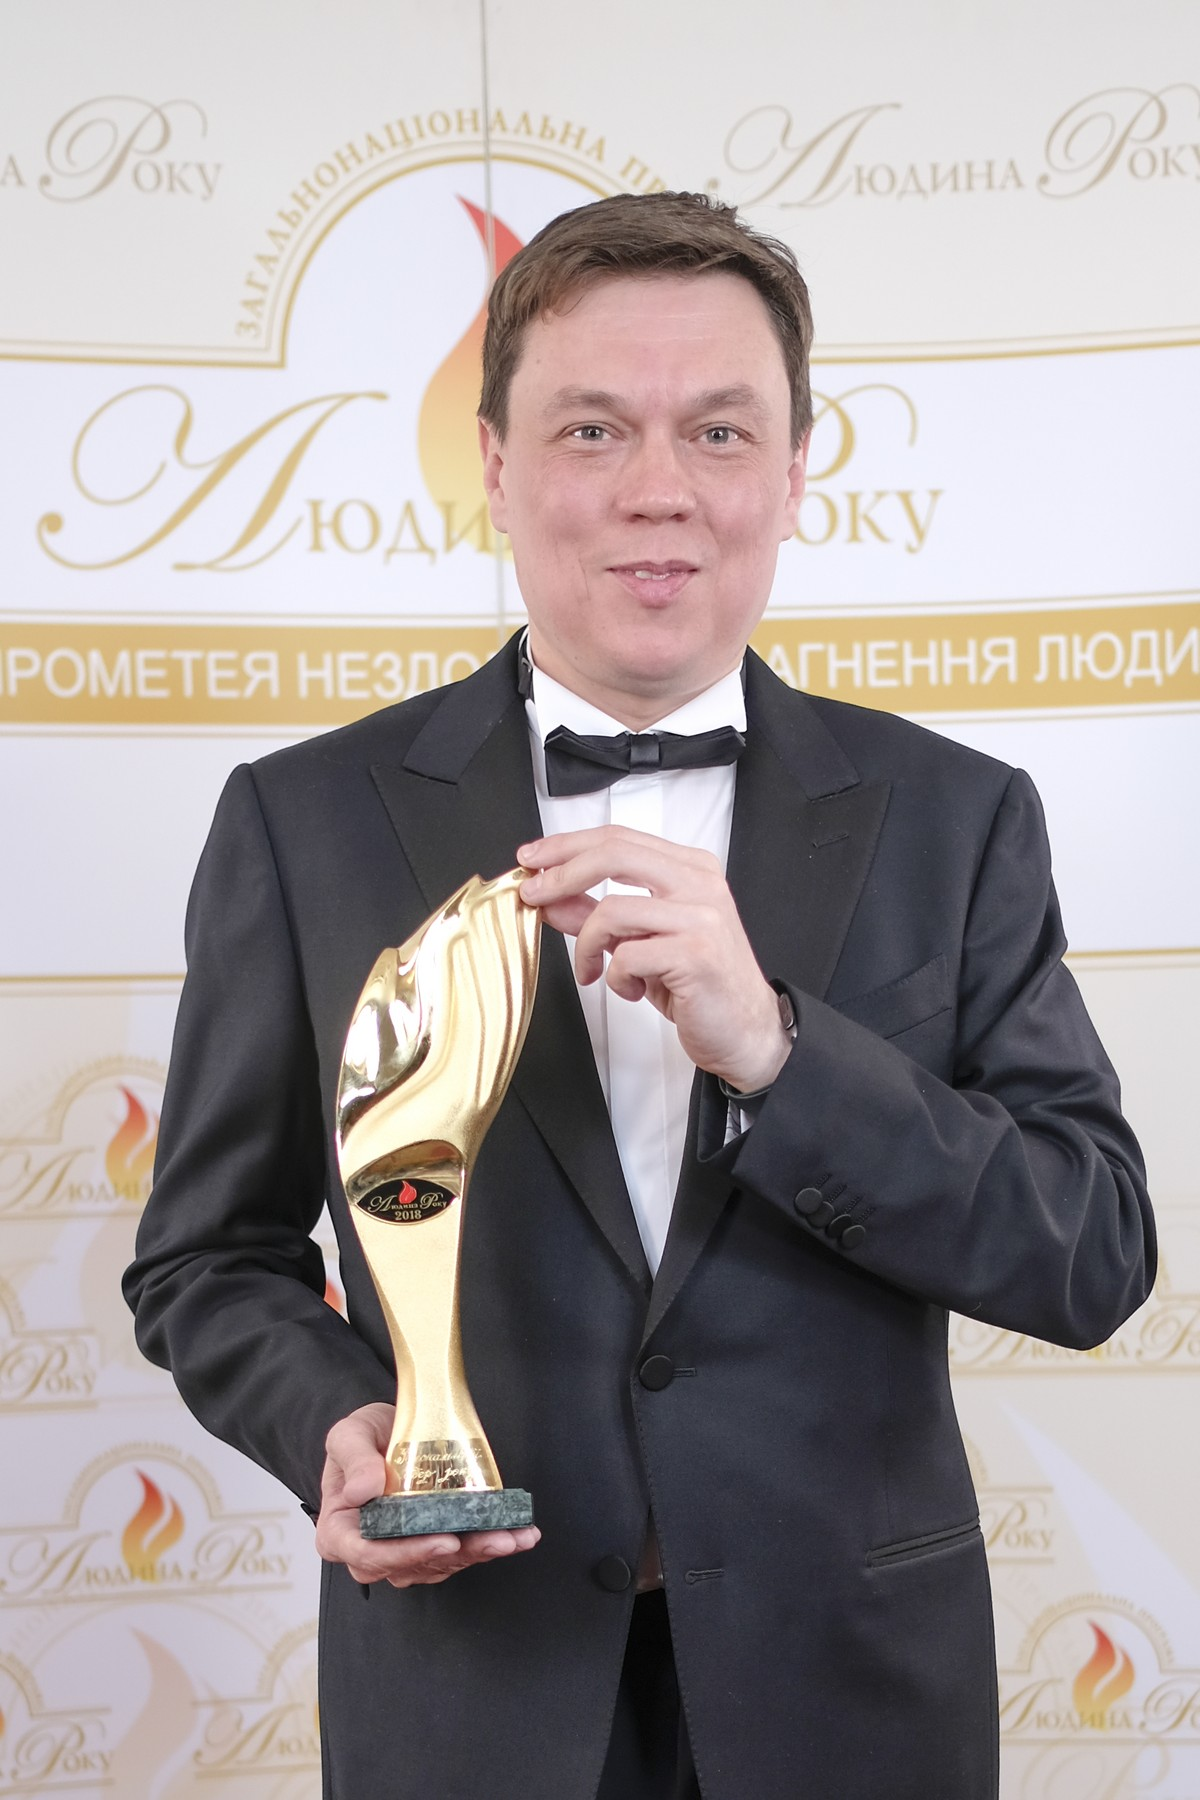 Человек года – 2018 награждение победителей 23 общенациональной премии финал Зам.Степанова - Сергей Колебошин